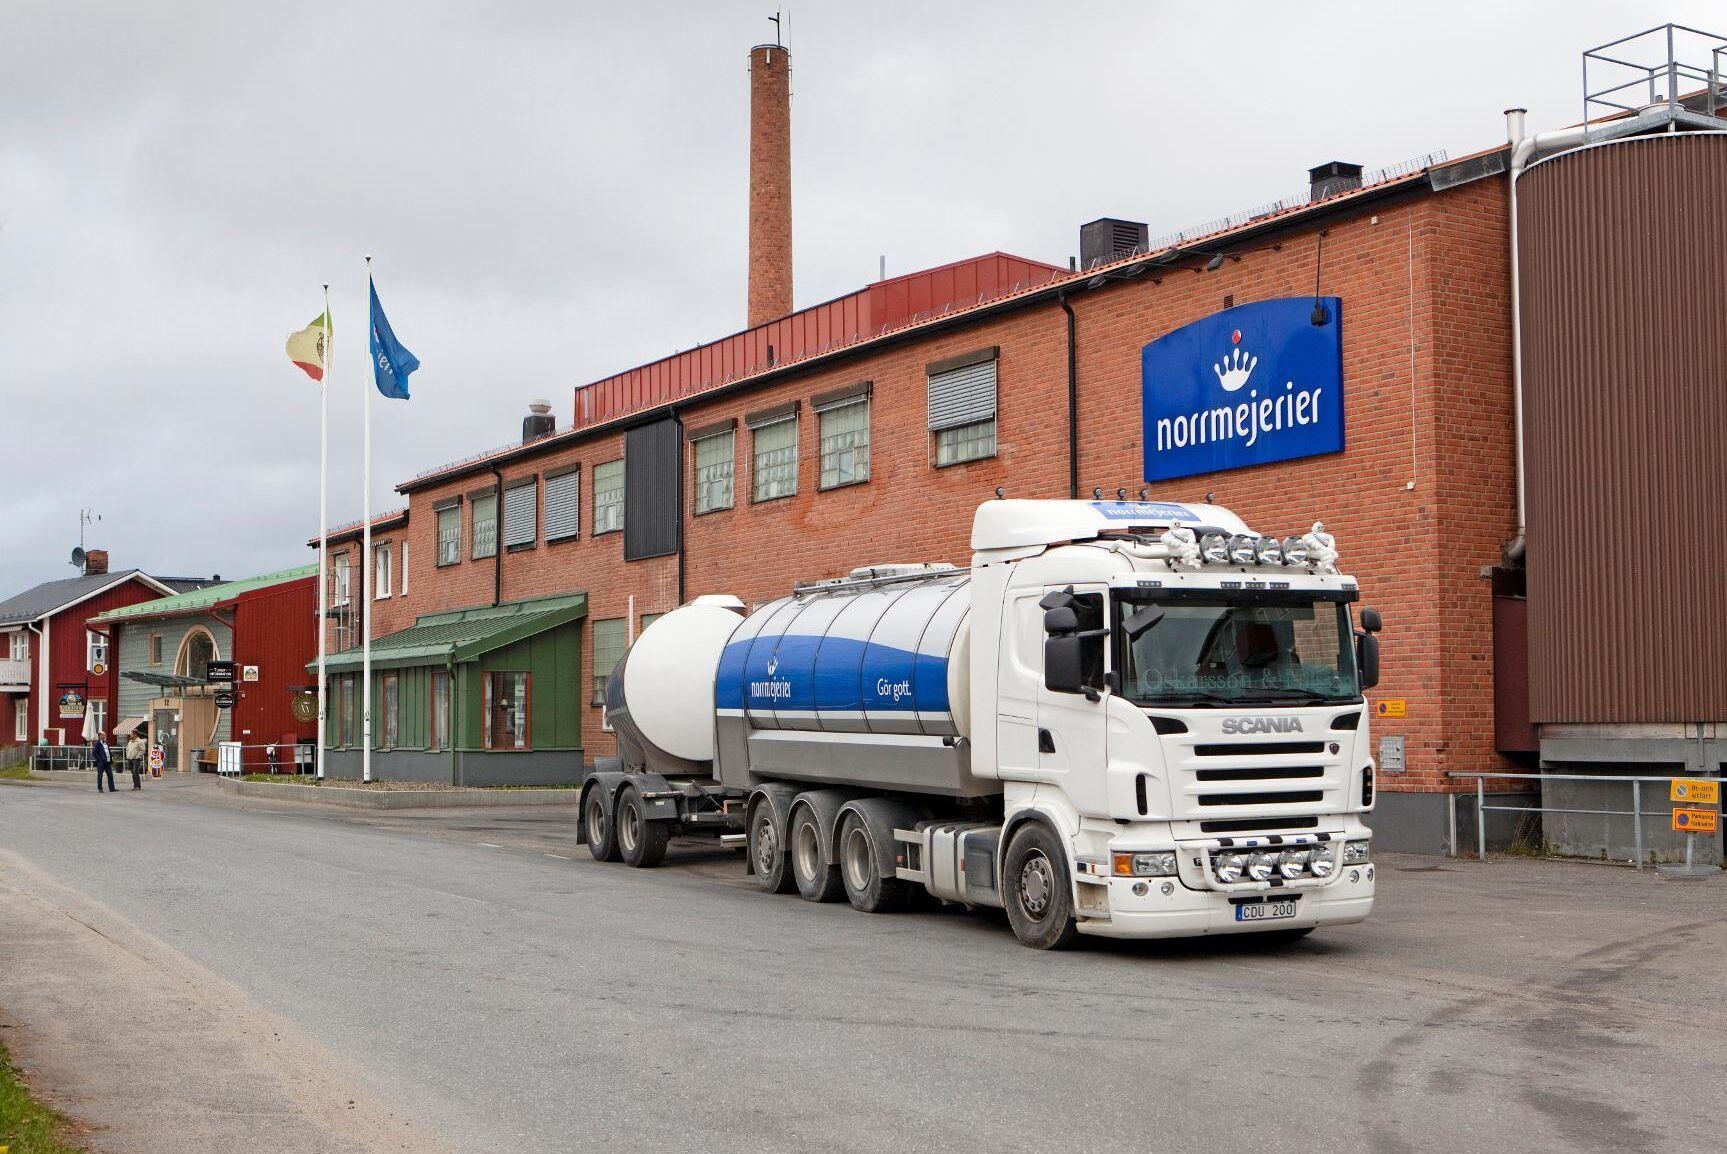 Västerbottensosten står för 15 procent av Norrmejeriers försäljning och ökar i volym med några procent varje år.